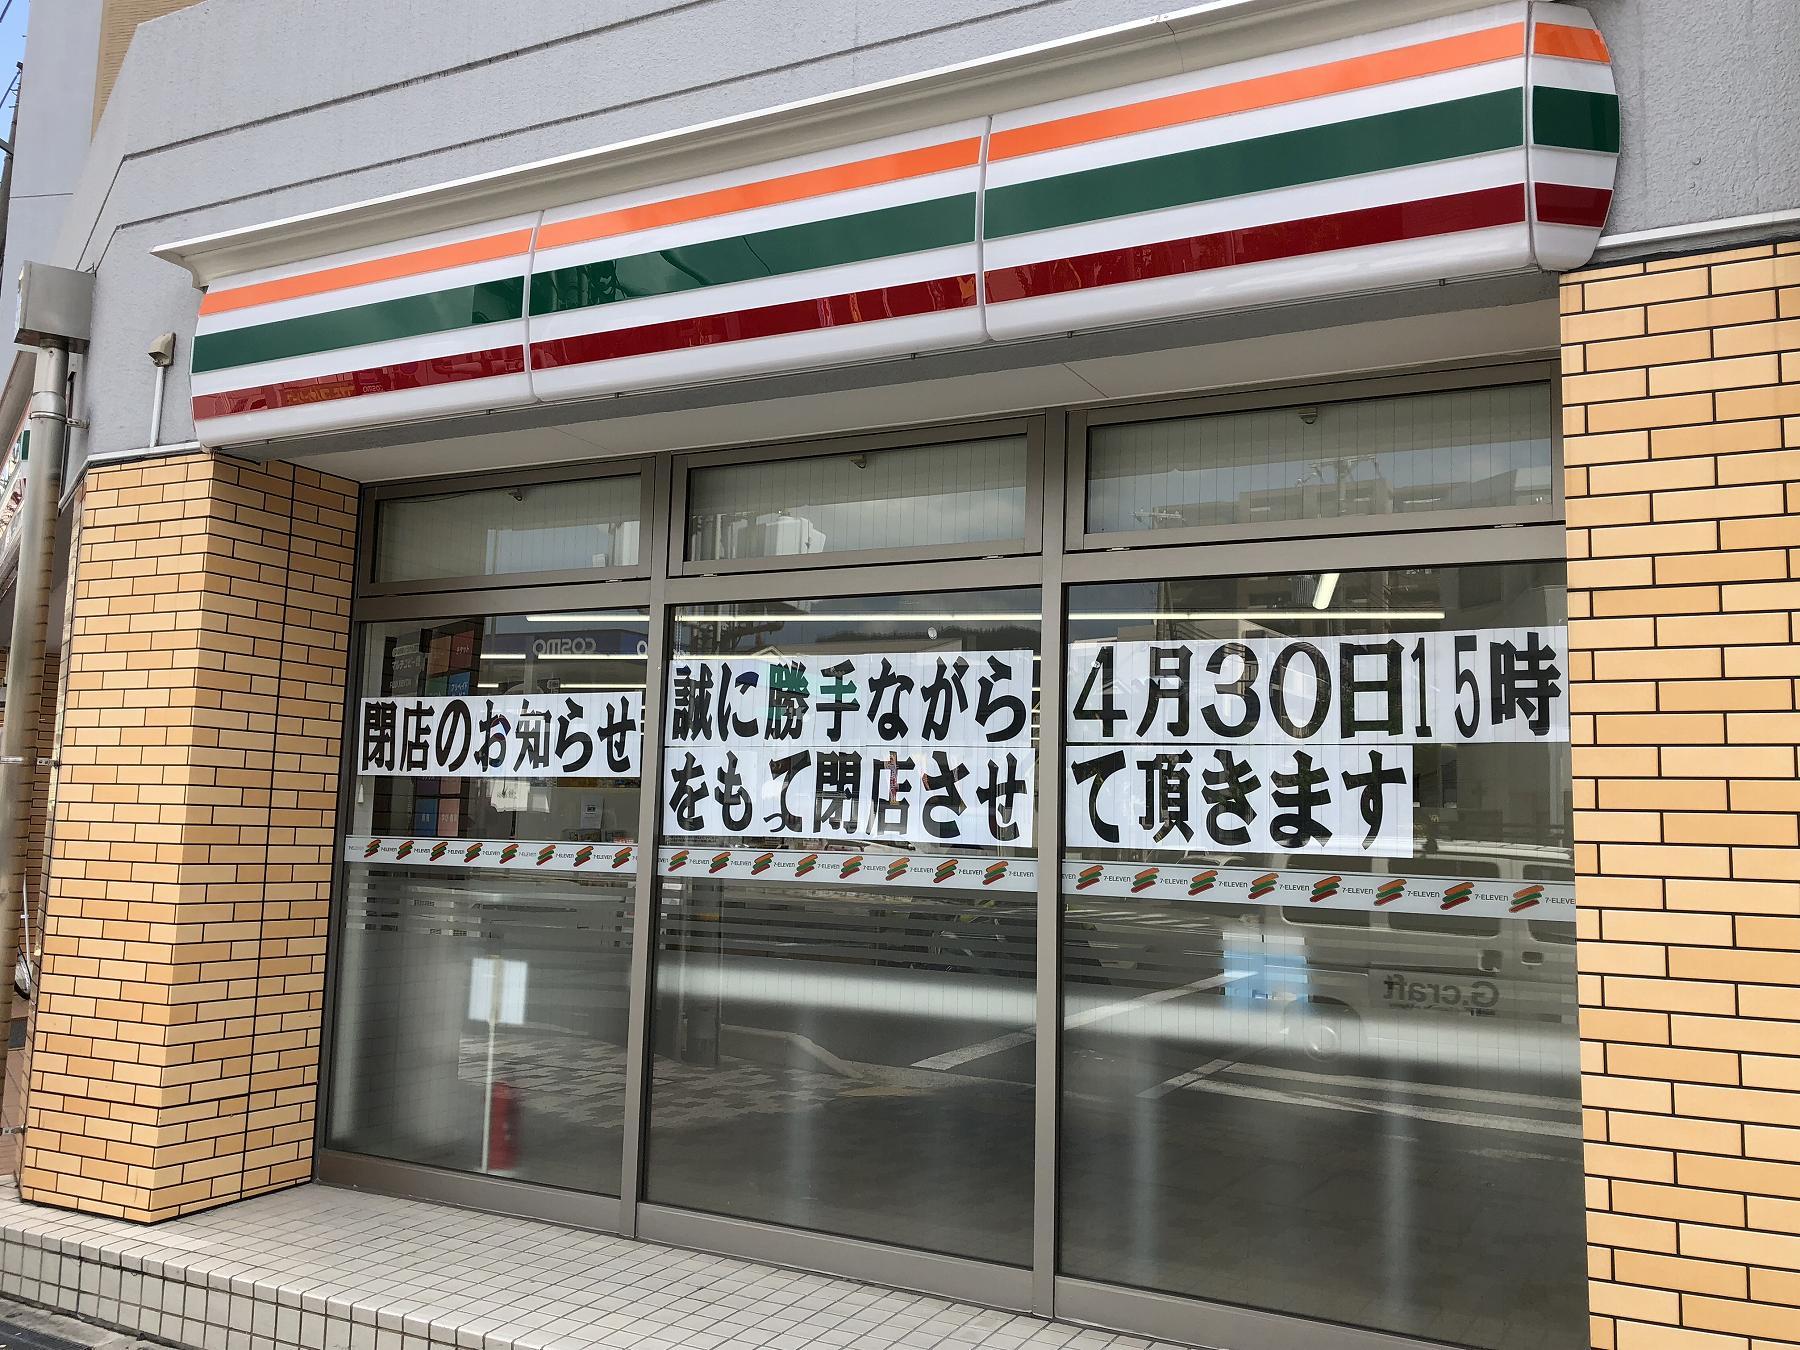 「セブンイレブン神戸御影中町1丁目店」が4/30で閉店するよ #閉店情報 #セブンイレブン #御影